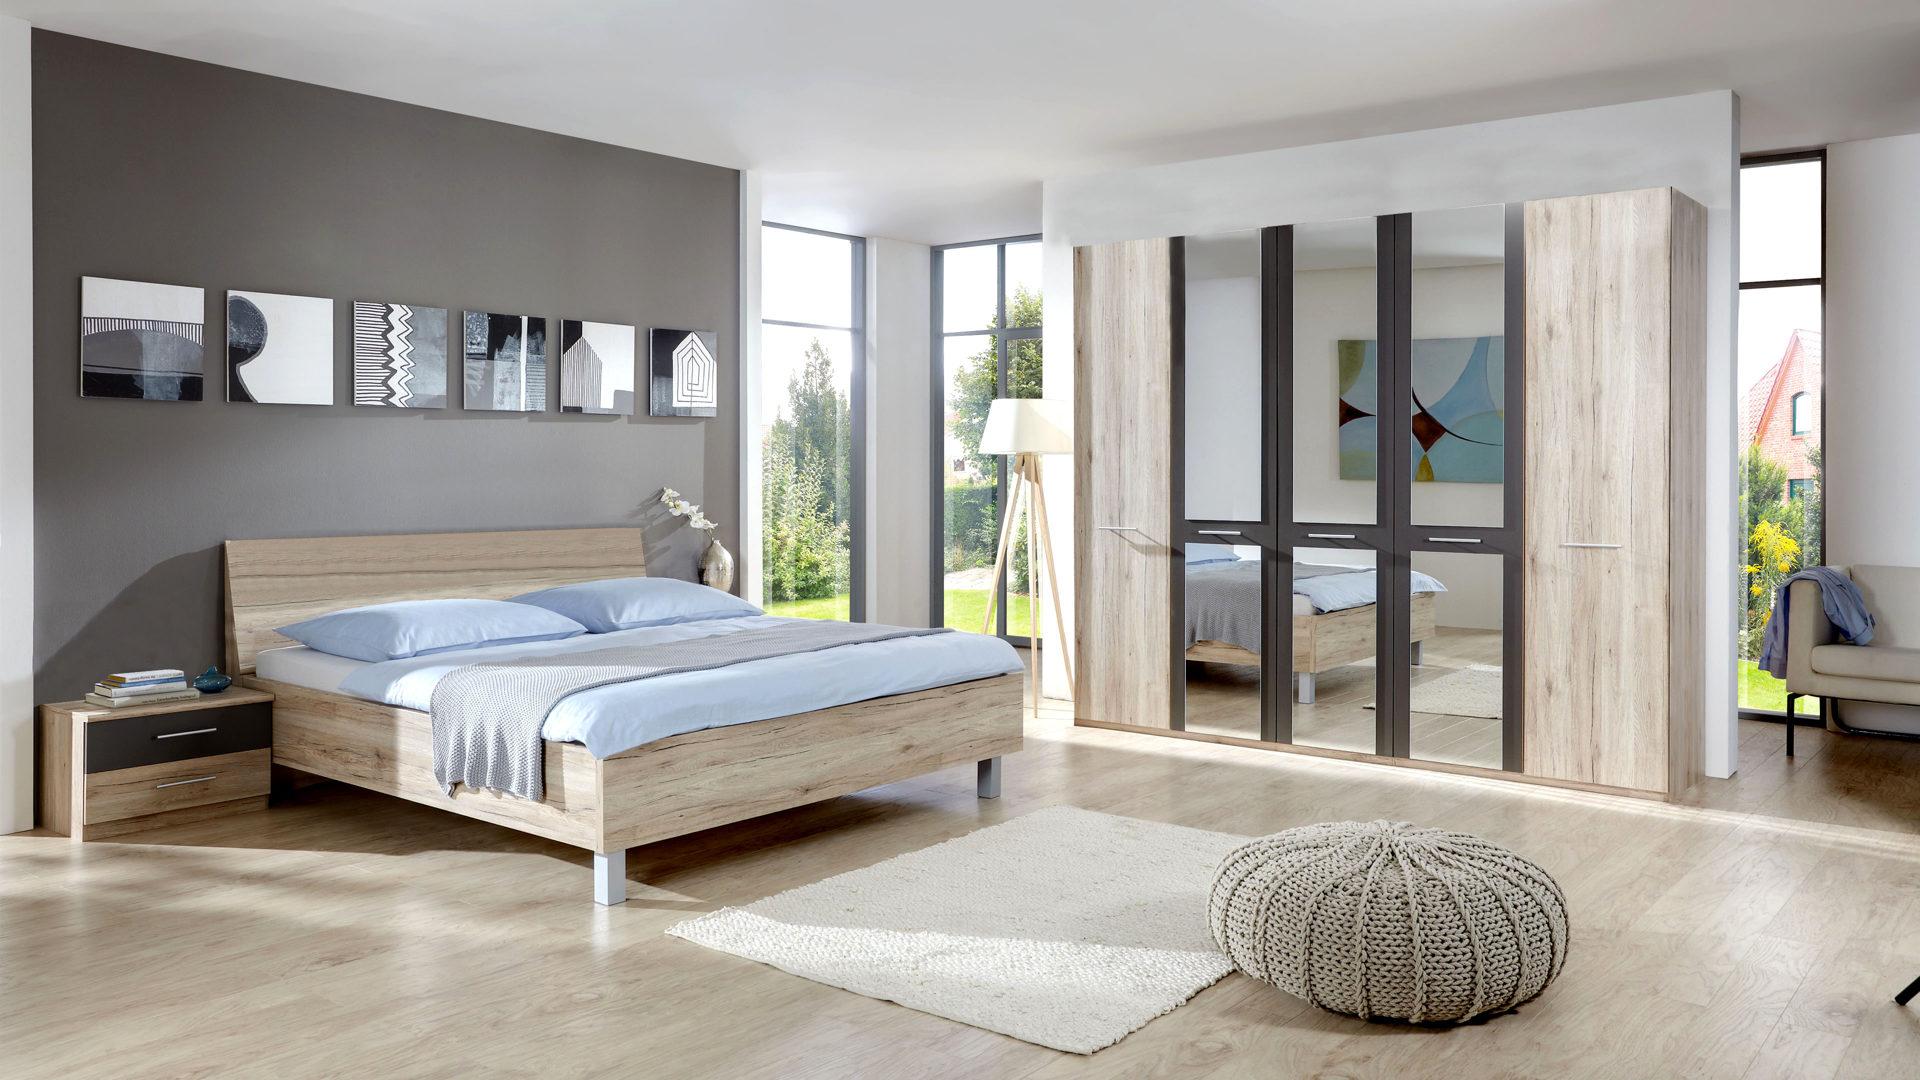 PARTNERRING COLLECTION Schlafzimmer Portland mit Kleiderschrank, Santana  eiche- & havannafarbene Kunststoffoberflächen – vier